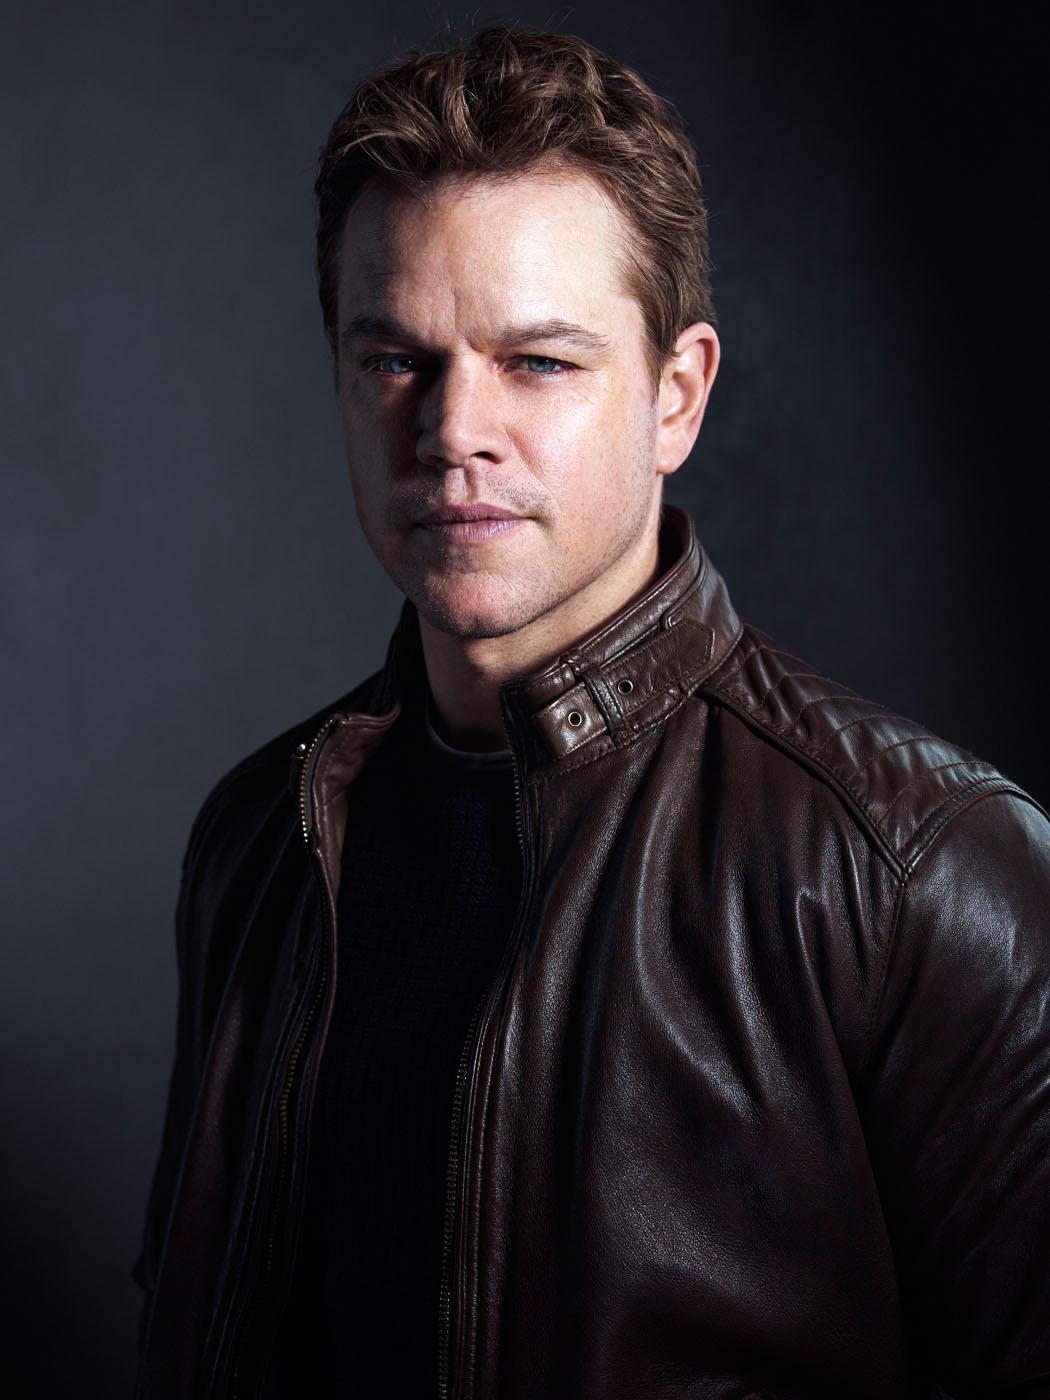 Matt Damon photo galle...